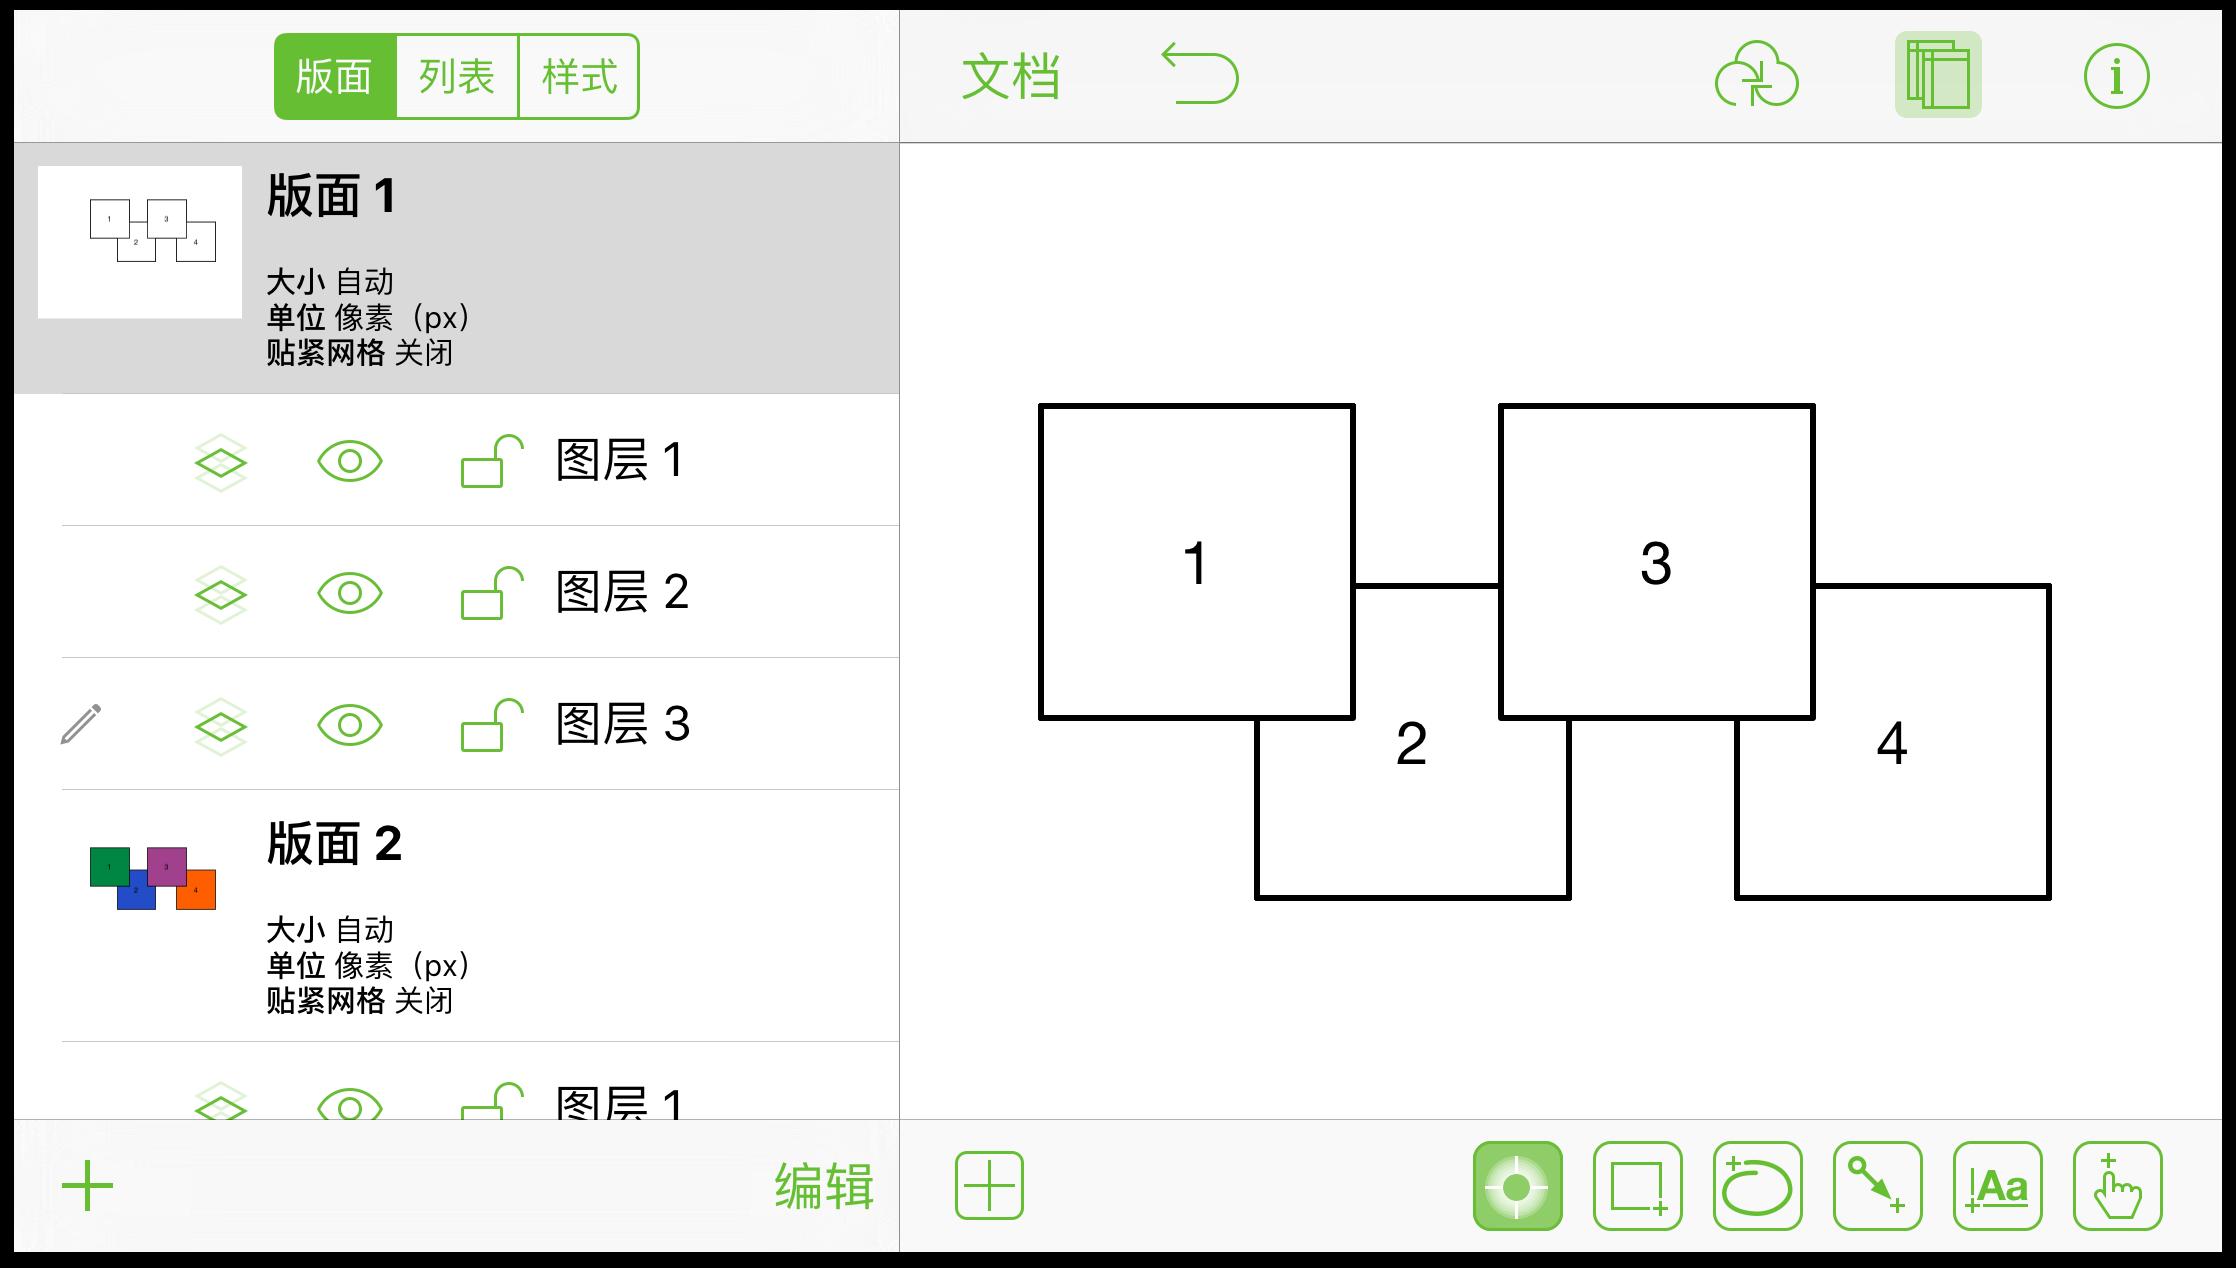 版面 1 上的三个图层按照数字顺序显示